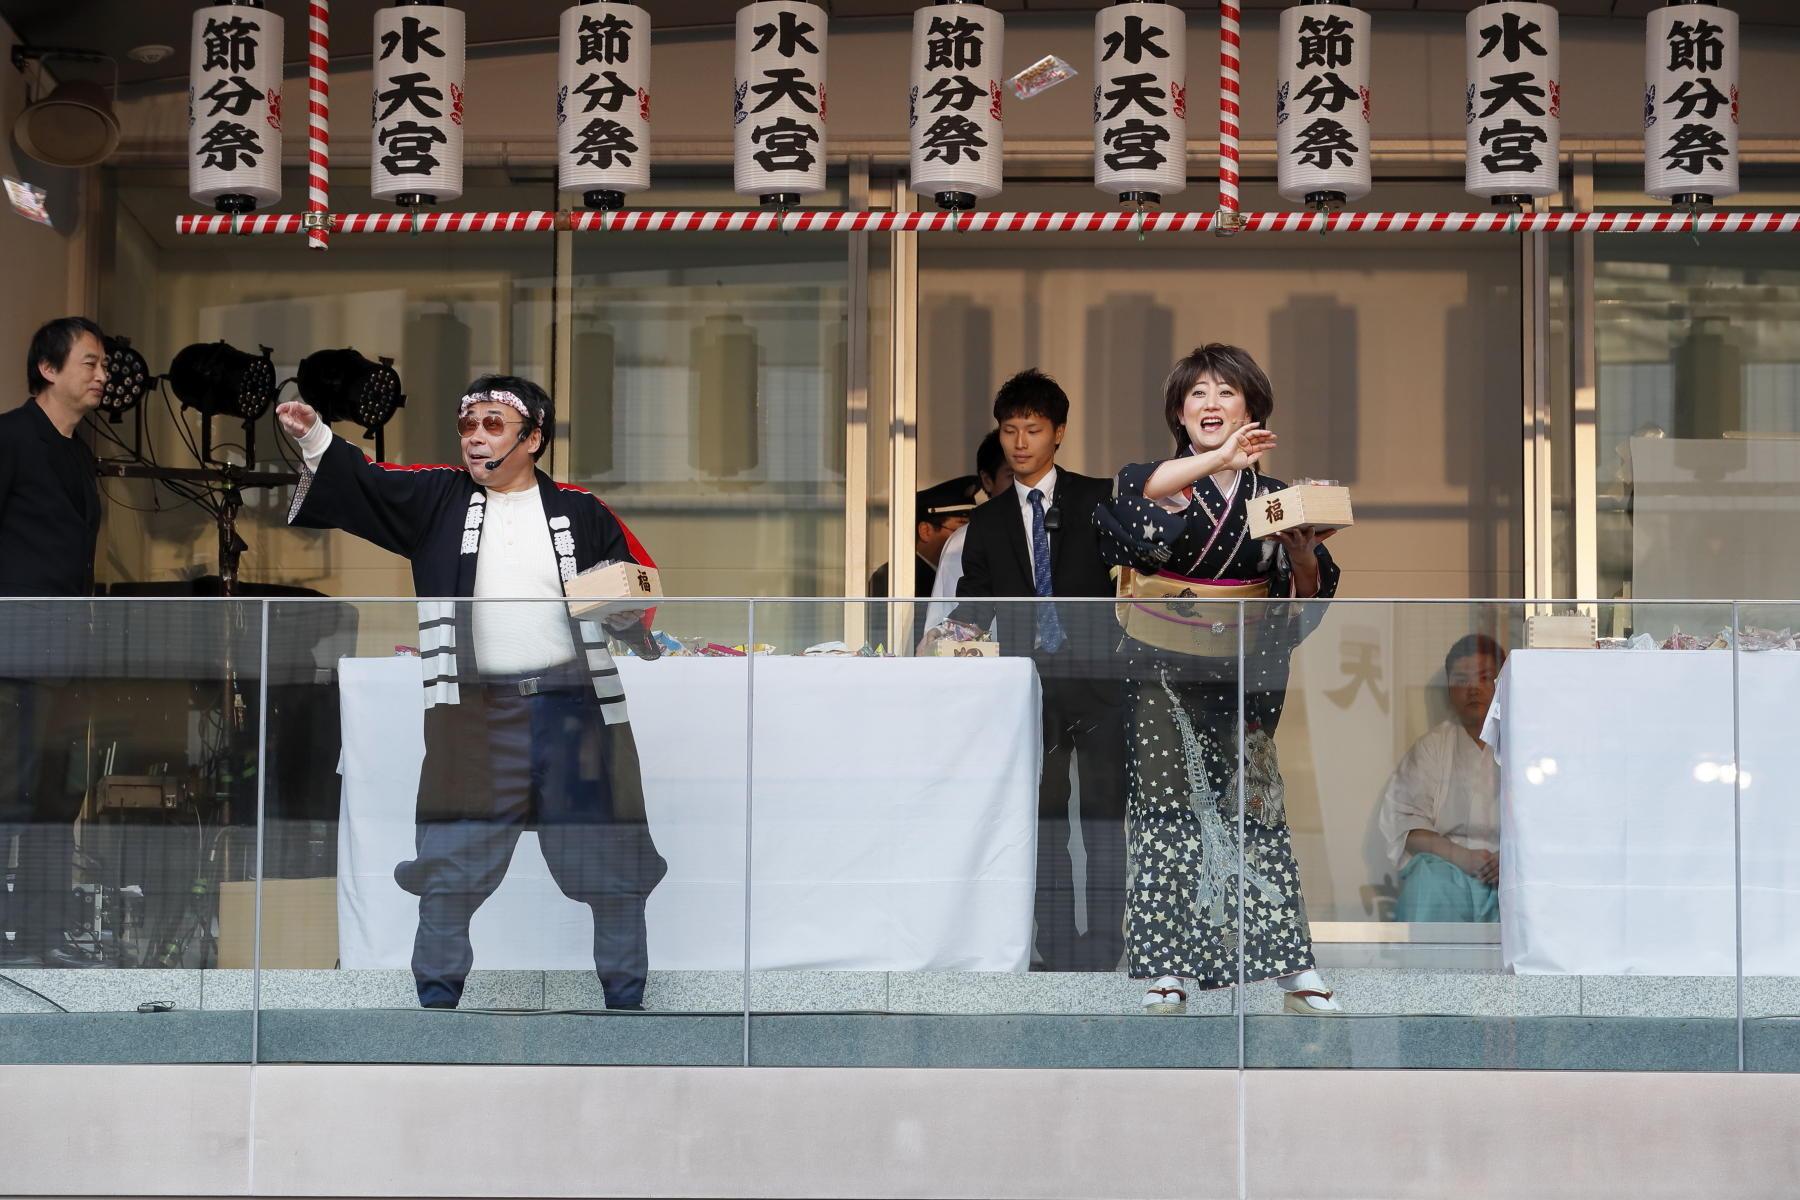 http://news.yoshimoto.co.jp/20190203205721-a5d33f75beaf977955343dbce3d53419b19bd805.jpg